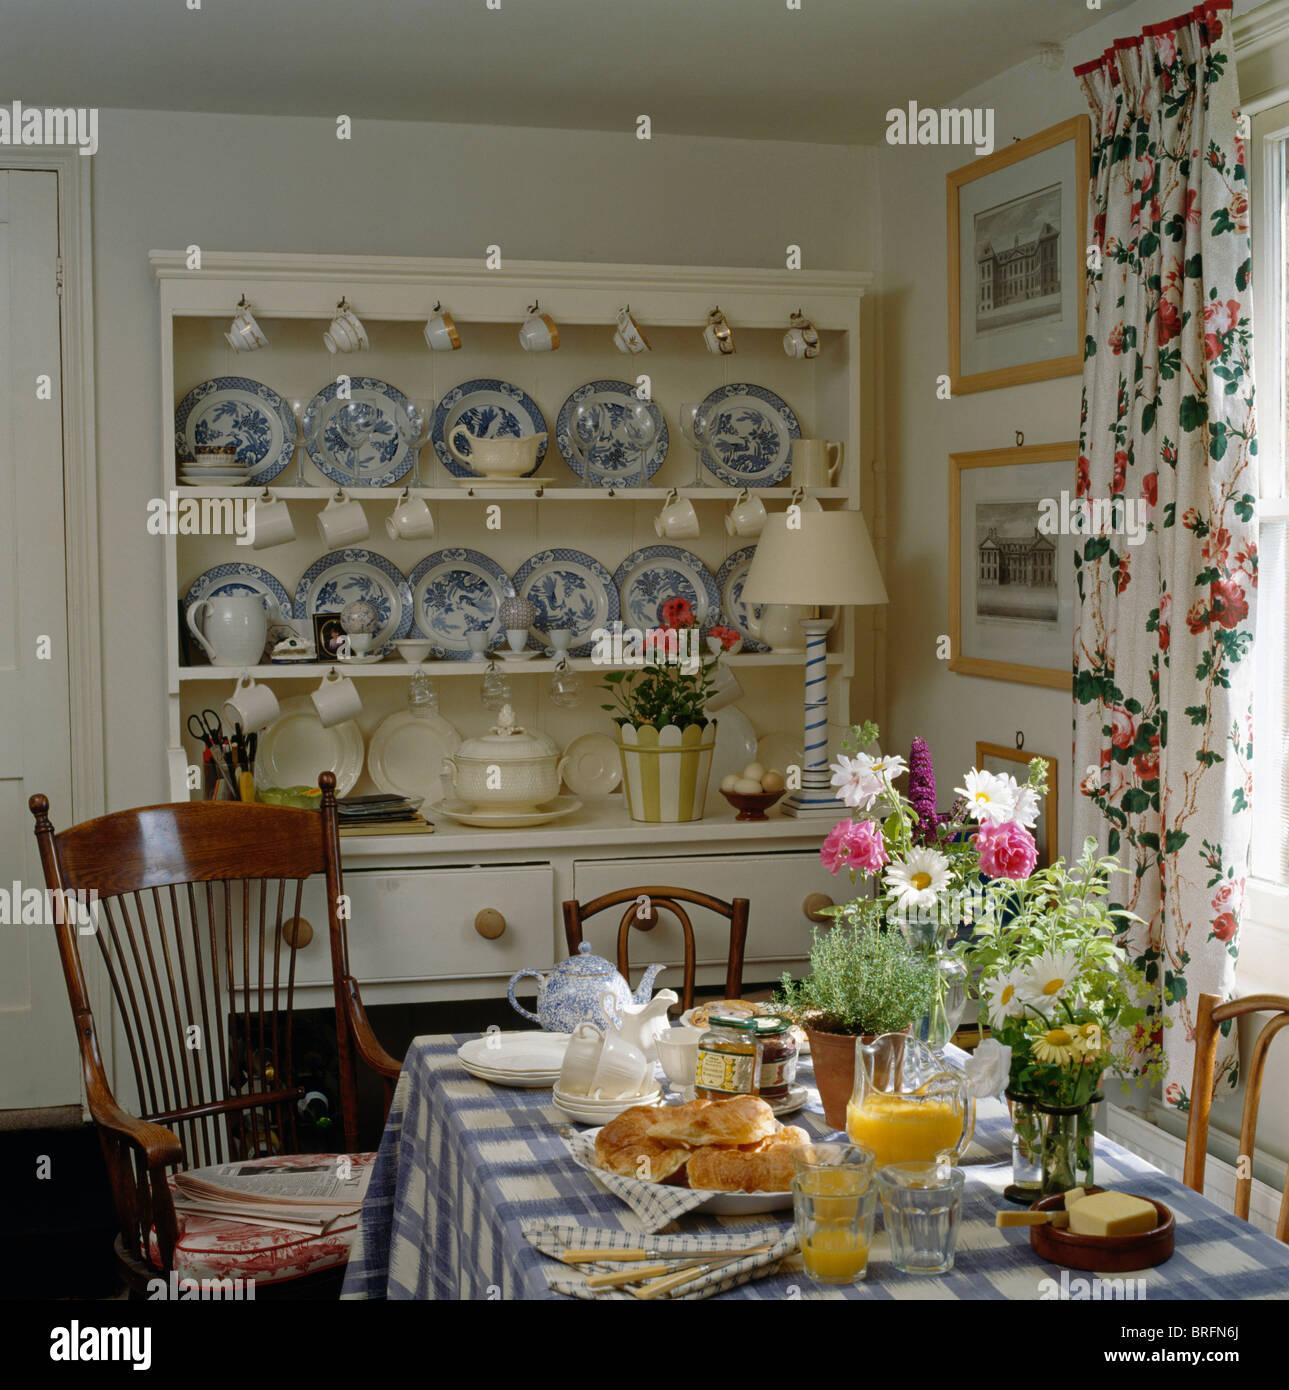 Blau Weiss China Sammlung Auf Creme Kommode Im Cottage Esszimmer